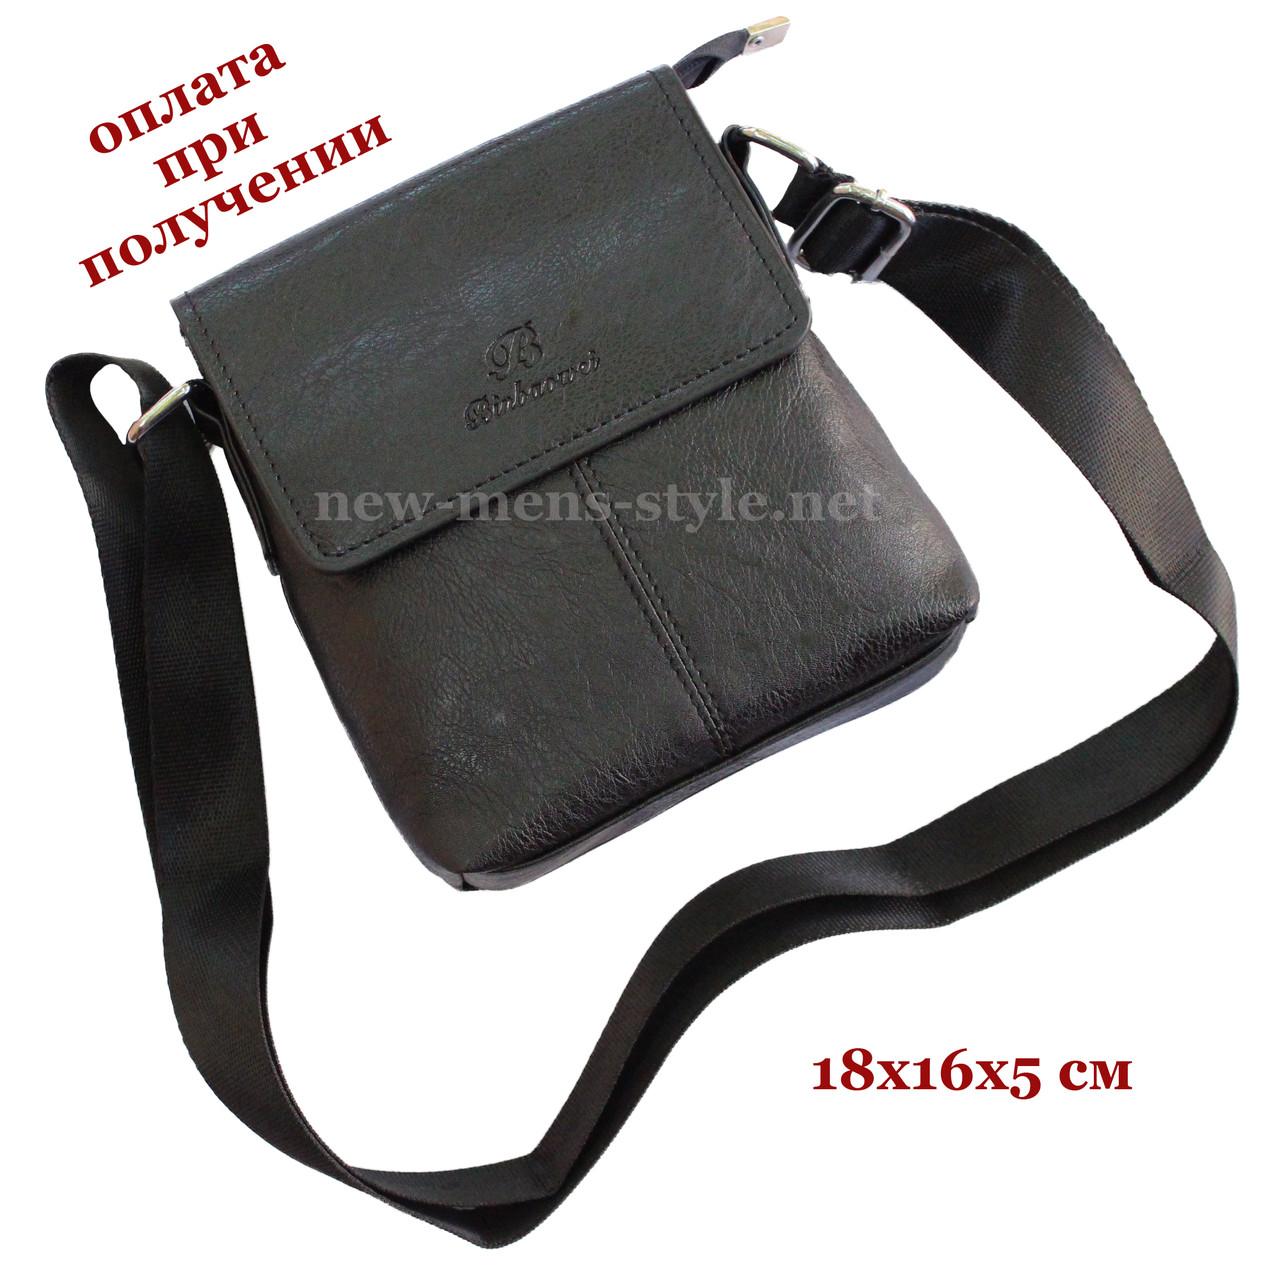 Мужская фирменная чоловіча кожаная сумка борсетка барсетка через плечо BinLac NEW